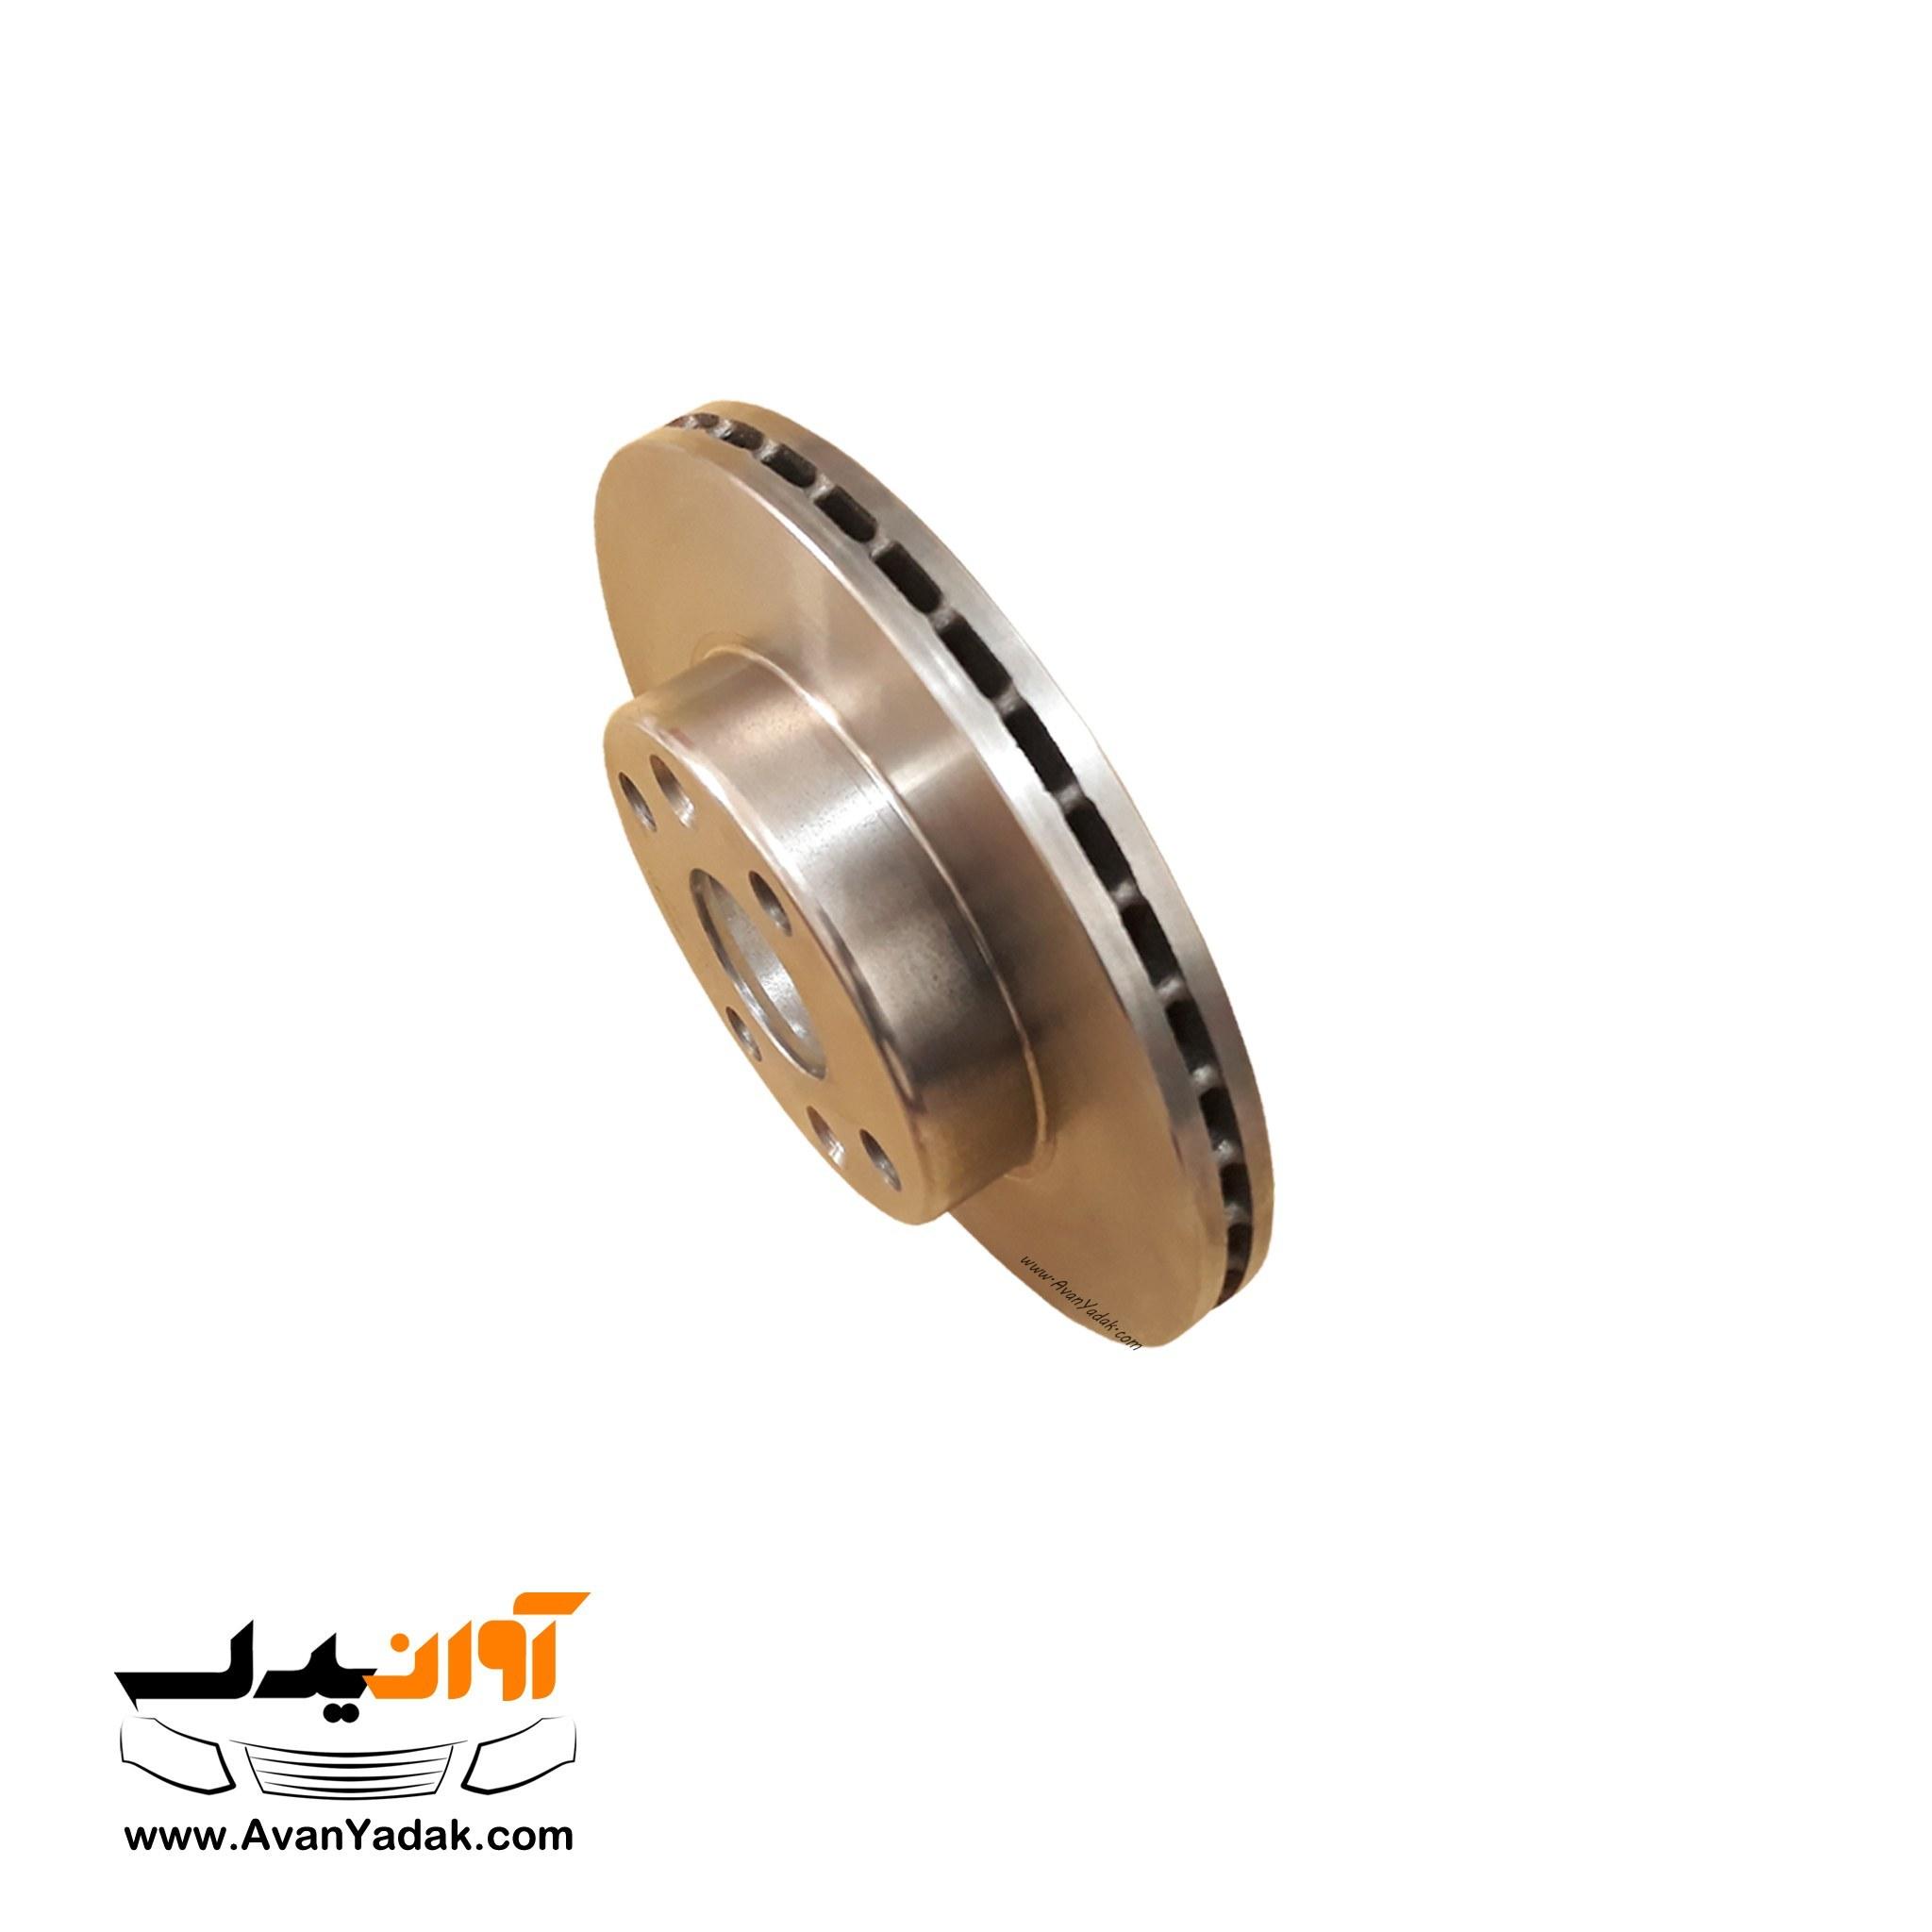 تصویر دیسک چرخ جلو S4T کرگدن ساینا و کوییک دنده ای بسته 2 عددی